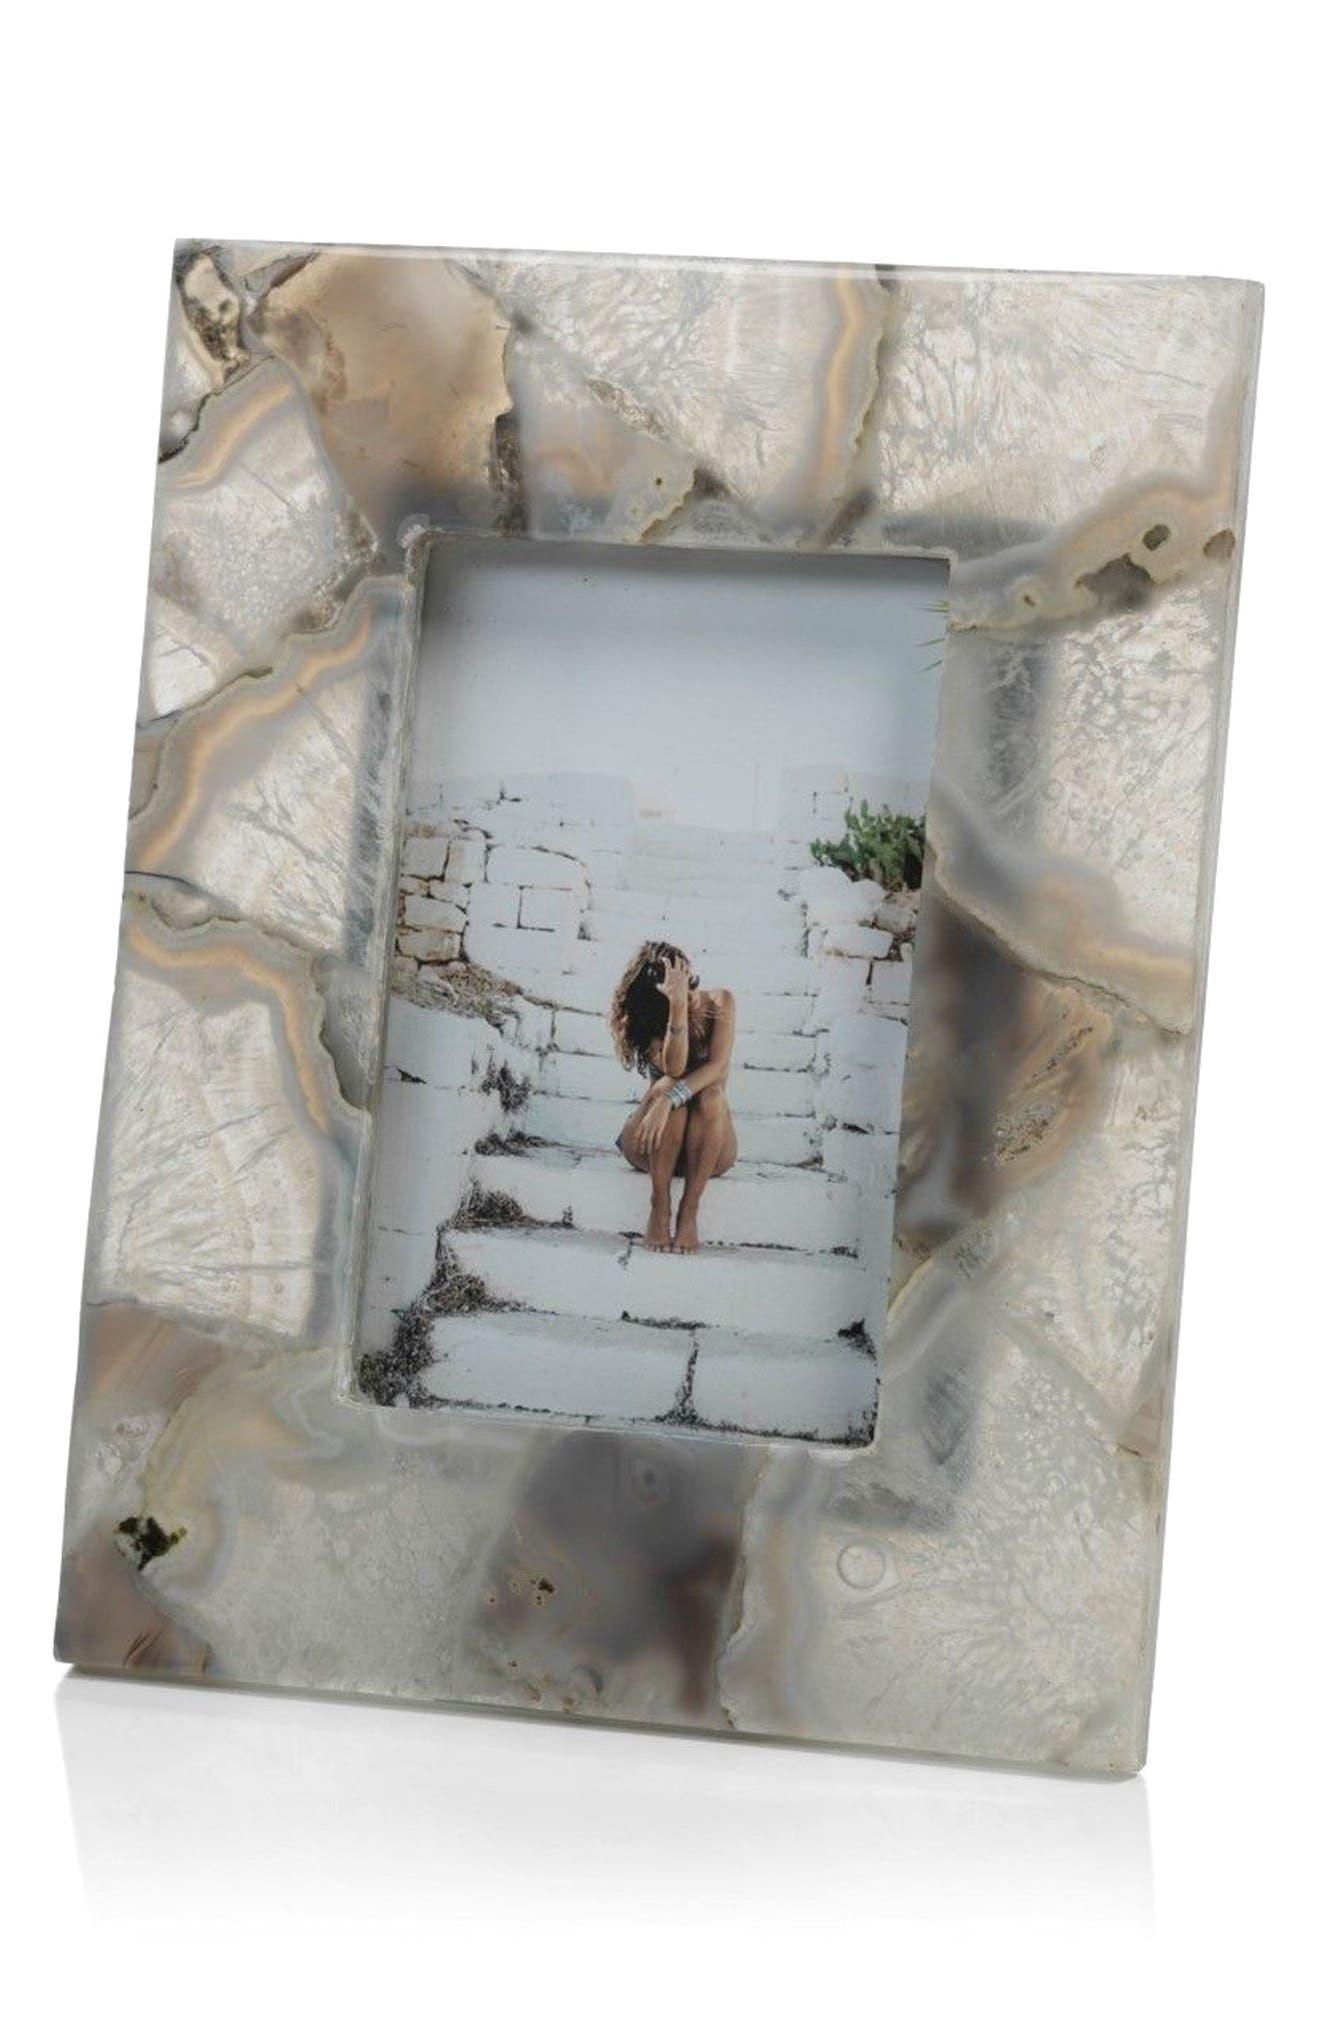 Main Image - Zodax Preto Agate Picture Frame